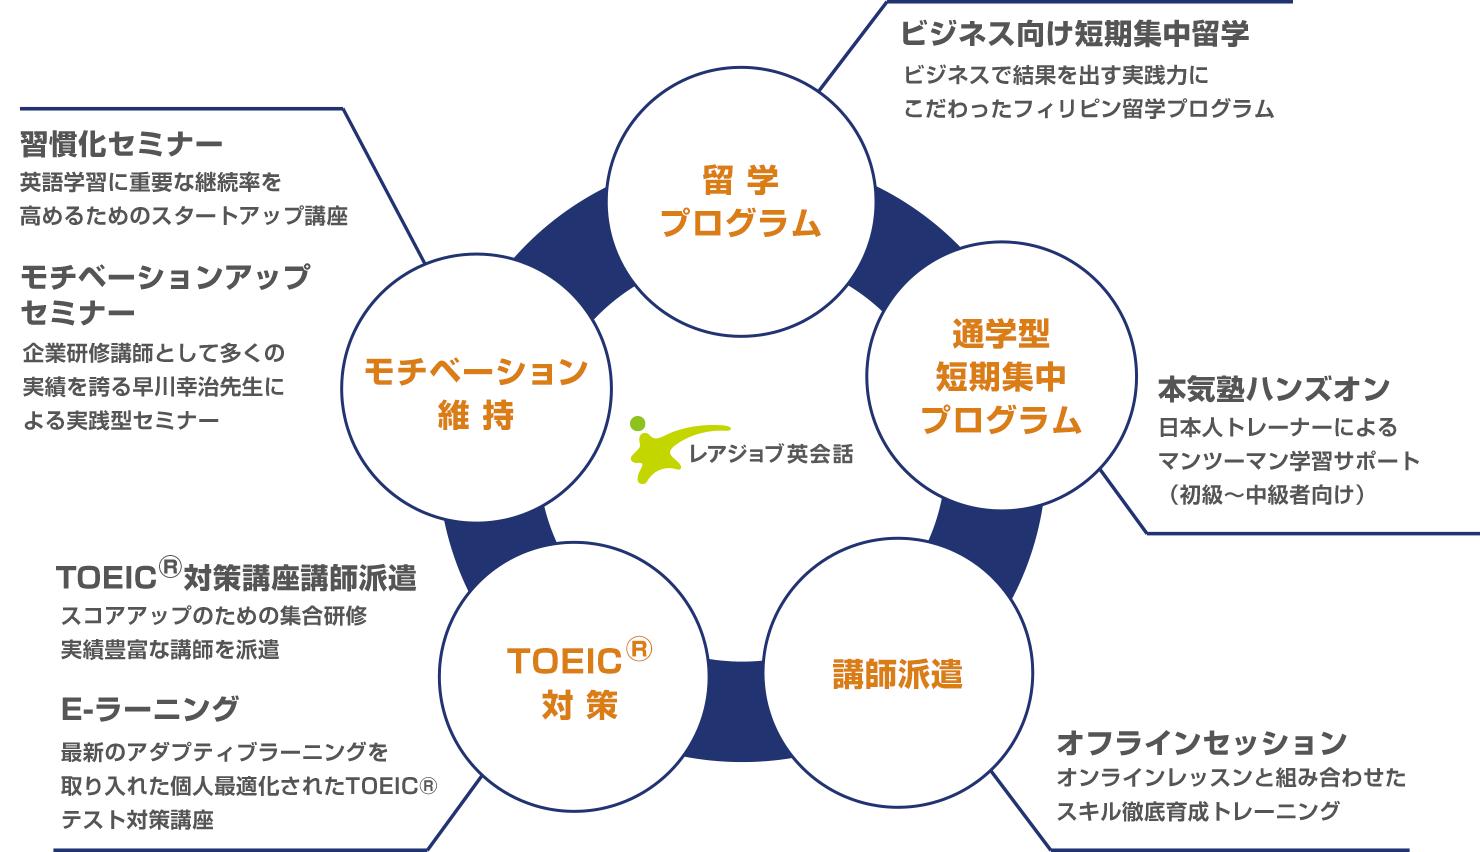 留学プログラム・通学型短期集中プログラム・オフラインセッション・TOEIC®対策・モチベーション維持など多彩なソリューションで効果の最大化を